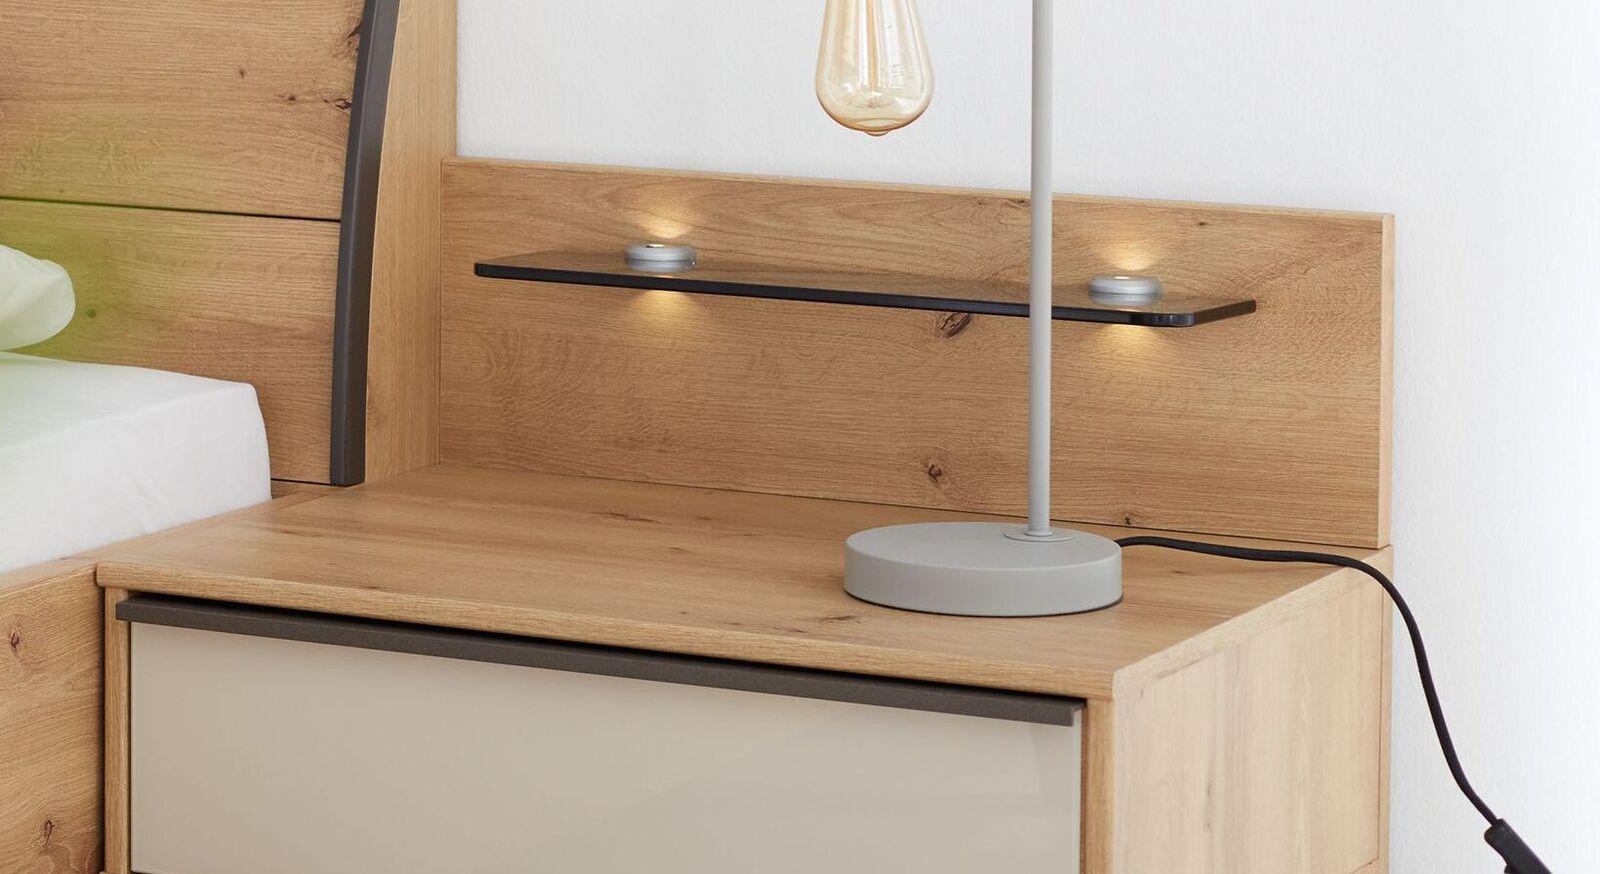 INTERLIVING Nachttisch Paneel 1205 mit schmaler Ablage